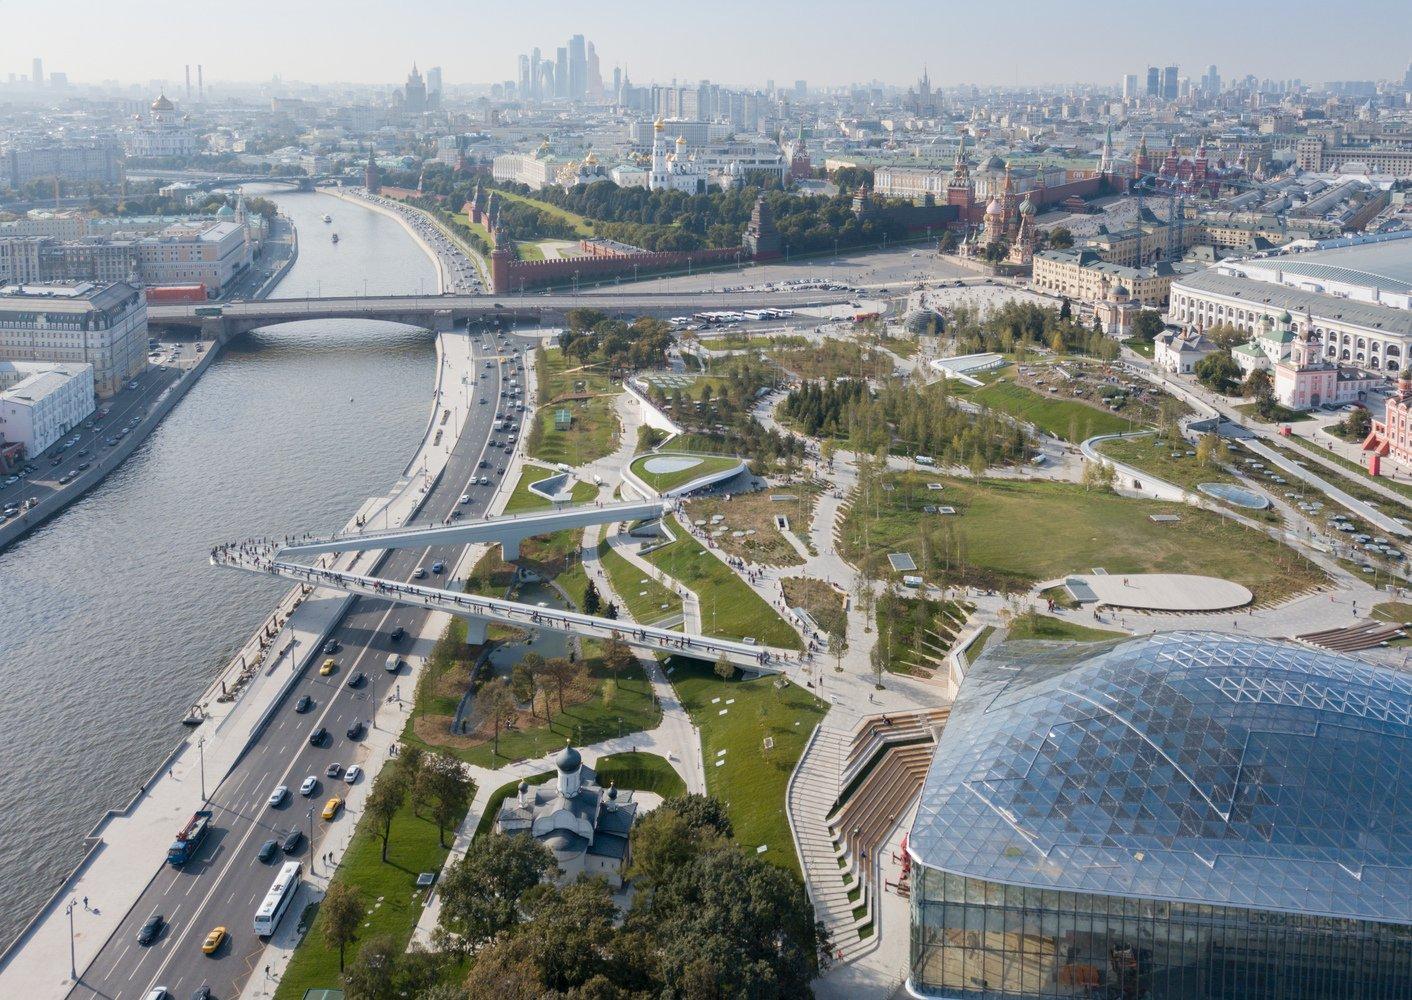 یکی از گرانقیمتترین پارکهای جهان در مسکو